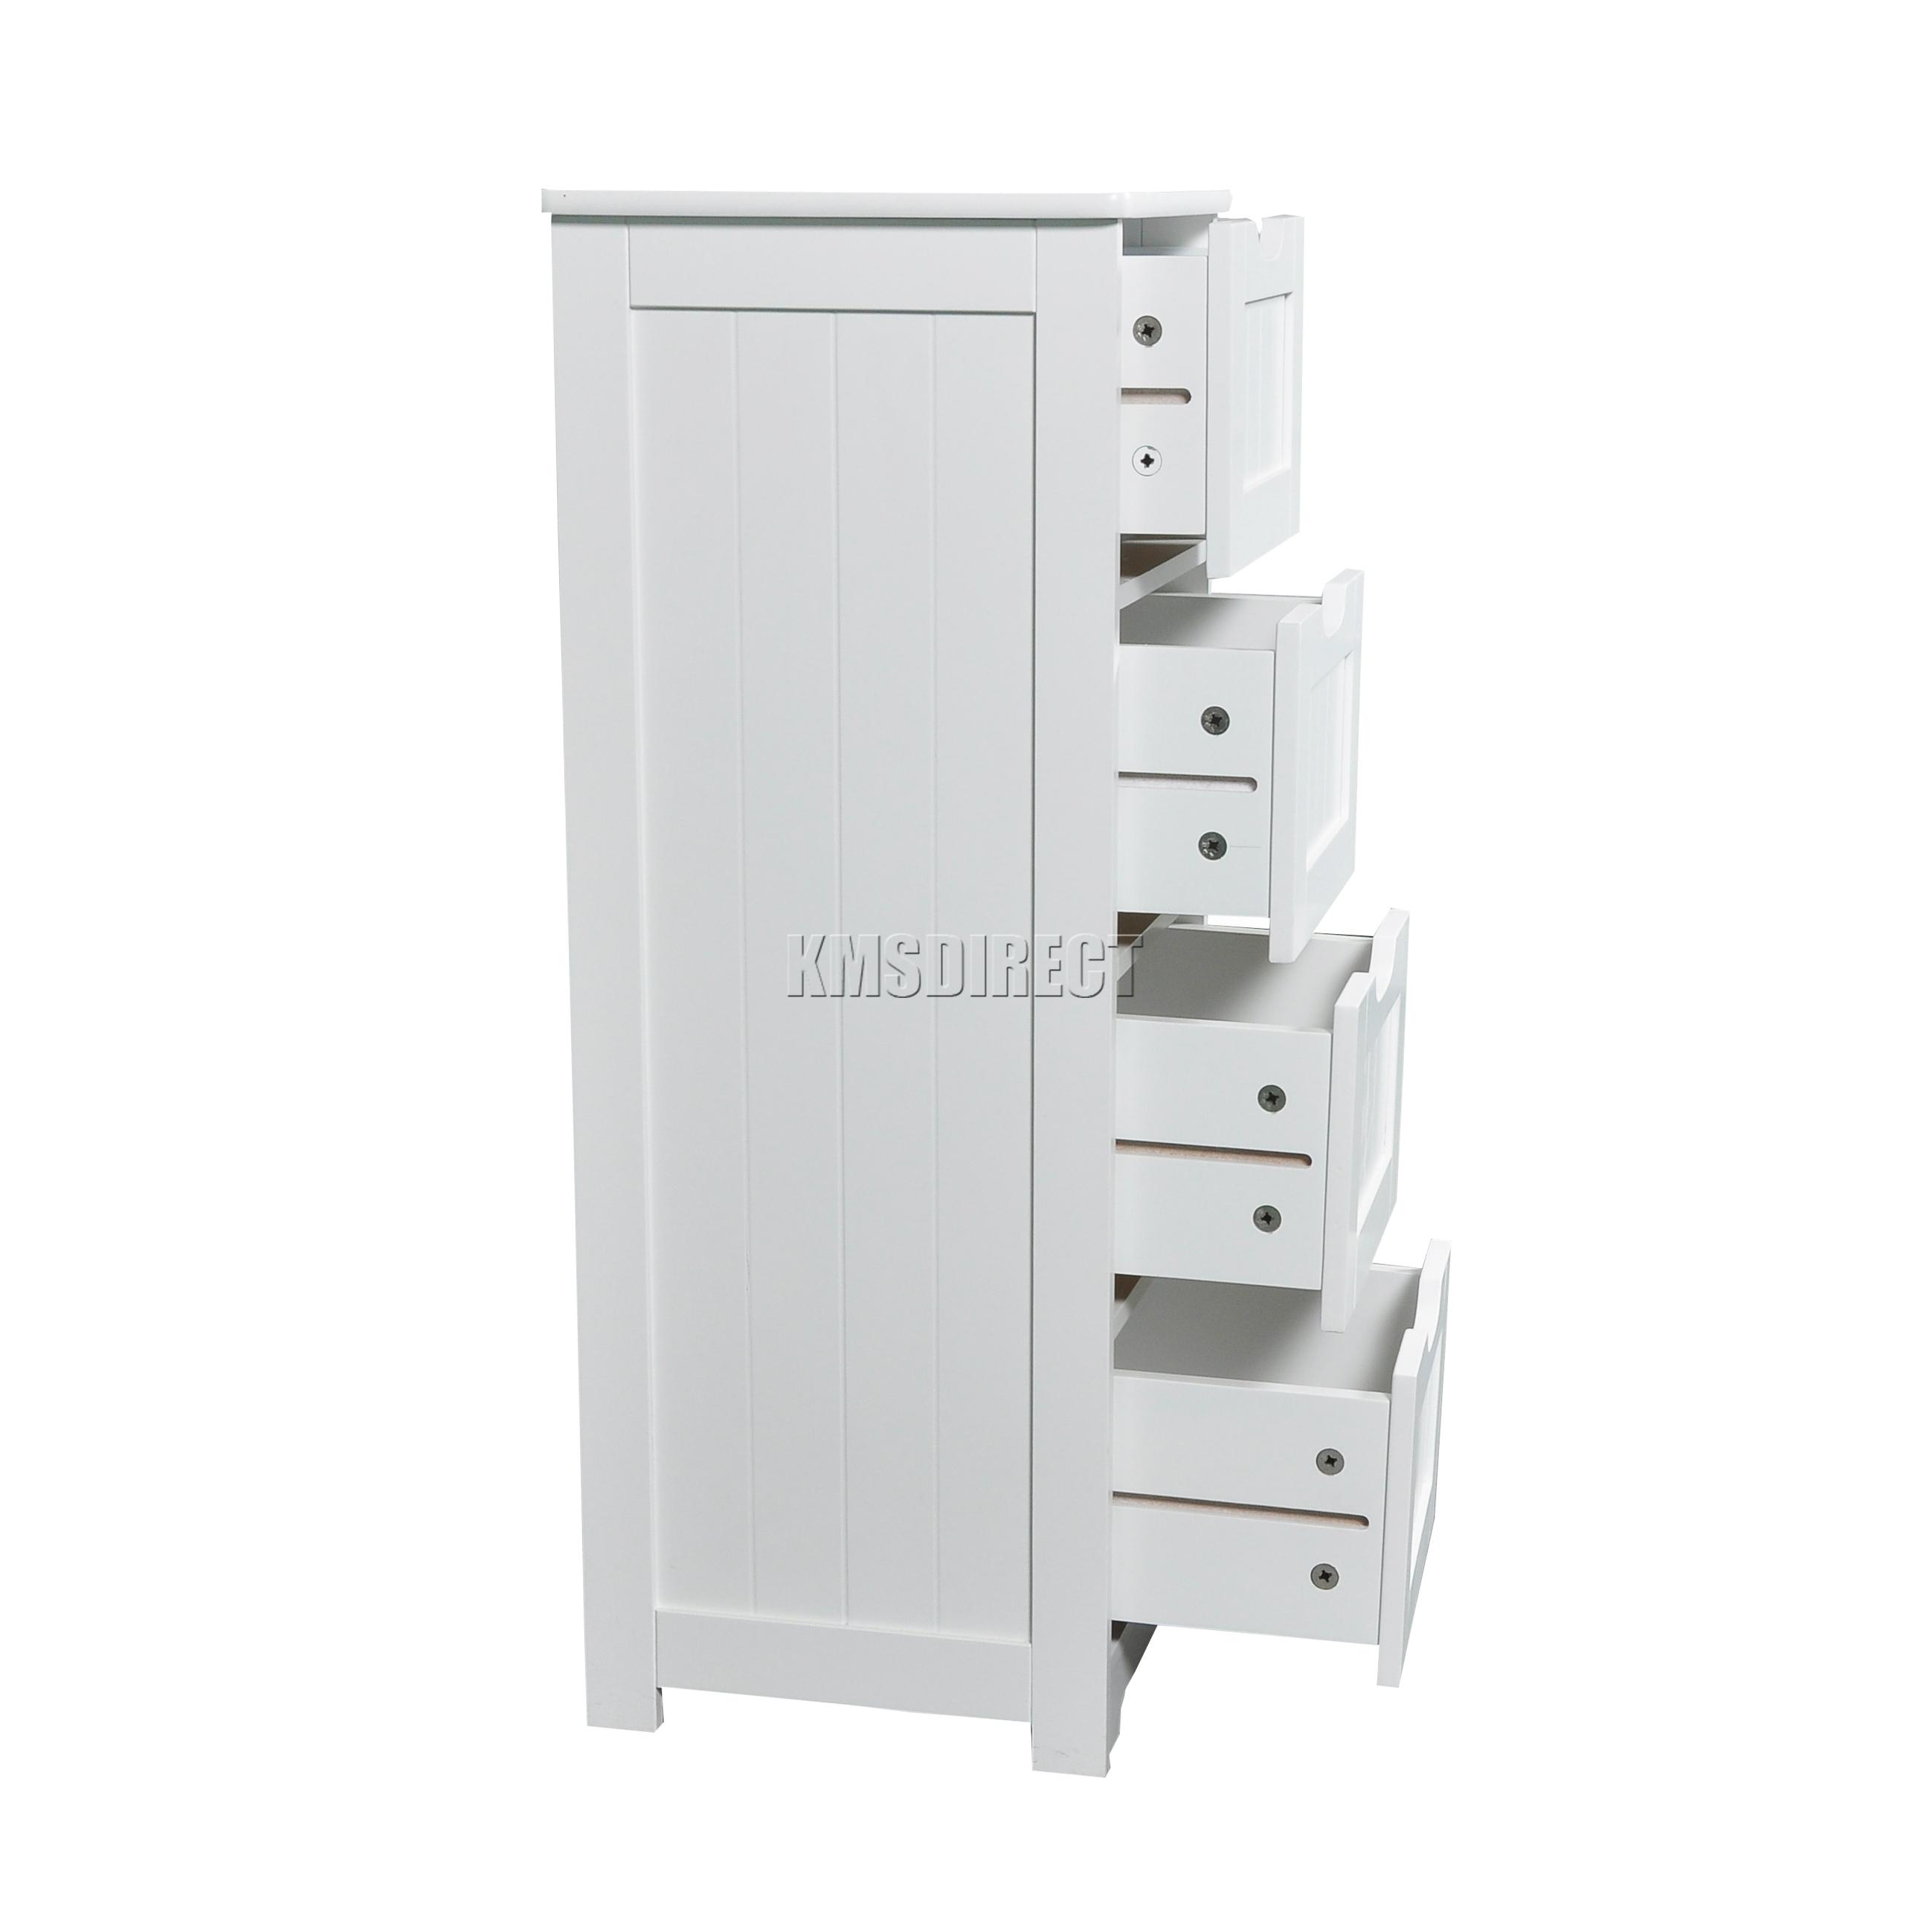 white wooden 4 drawer bathroom storage cupboard cabinet organizer unit